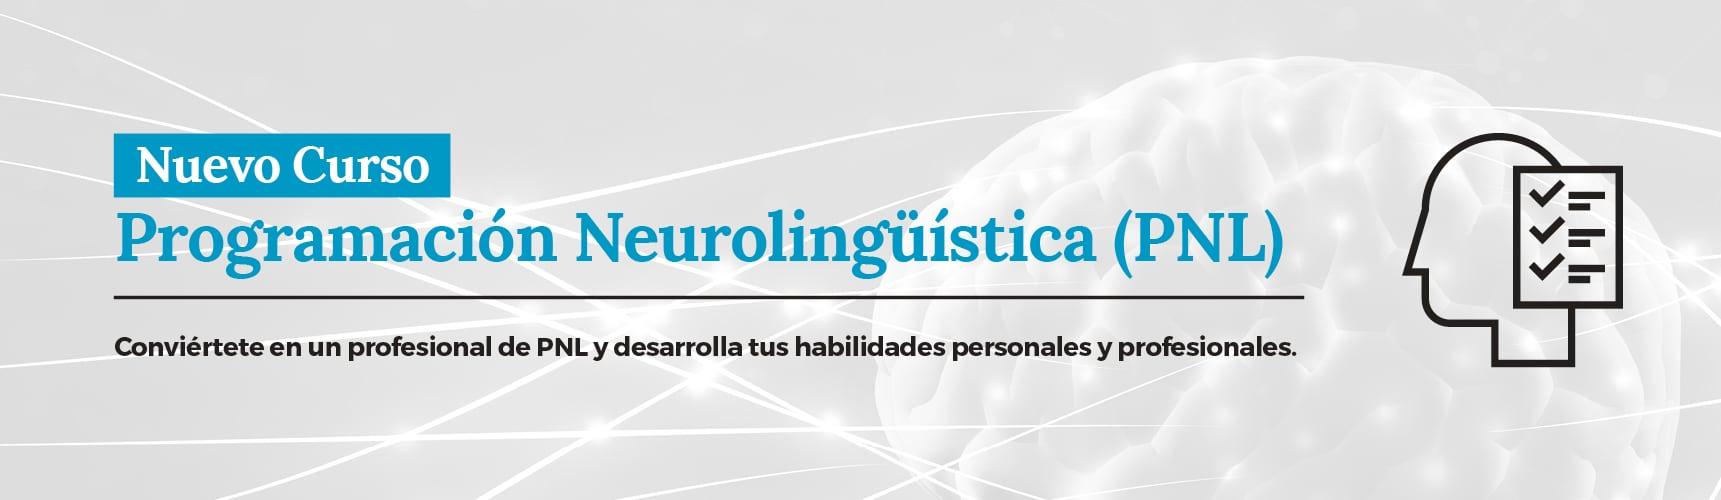 Curso de Programación Neurolingüística (PNL)